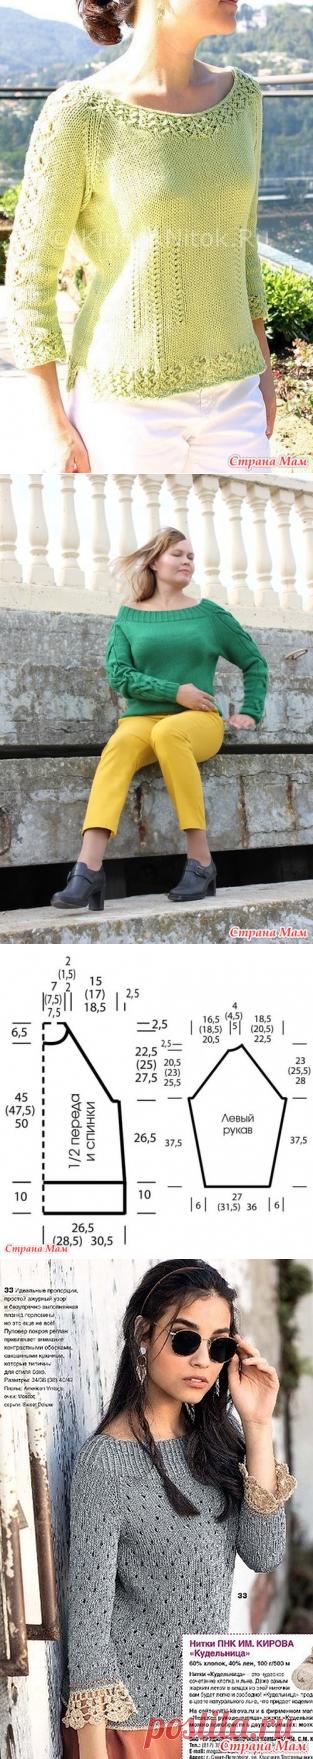 Нужны отзывы о модели пуловера Sorelle - Вязание - Страна Мам